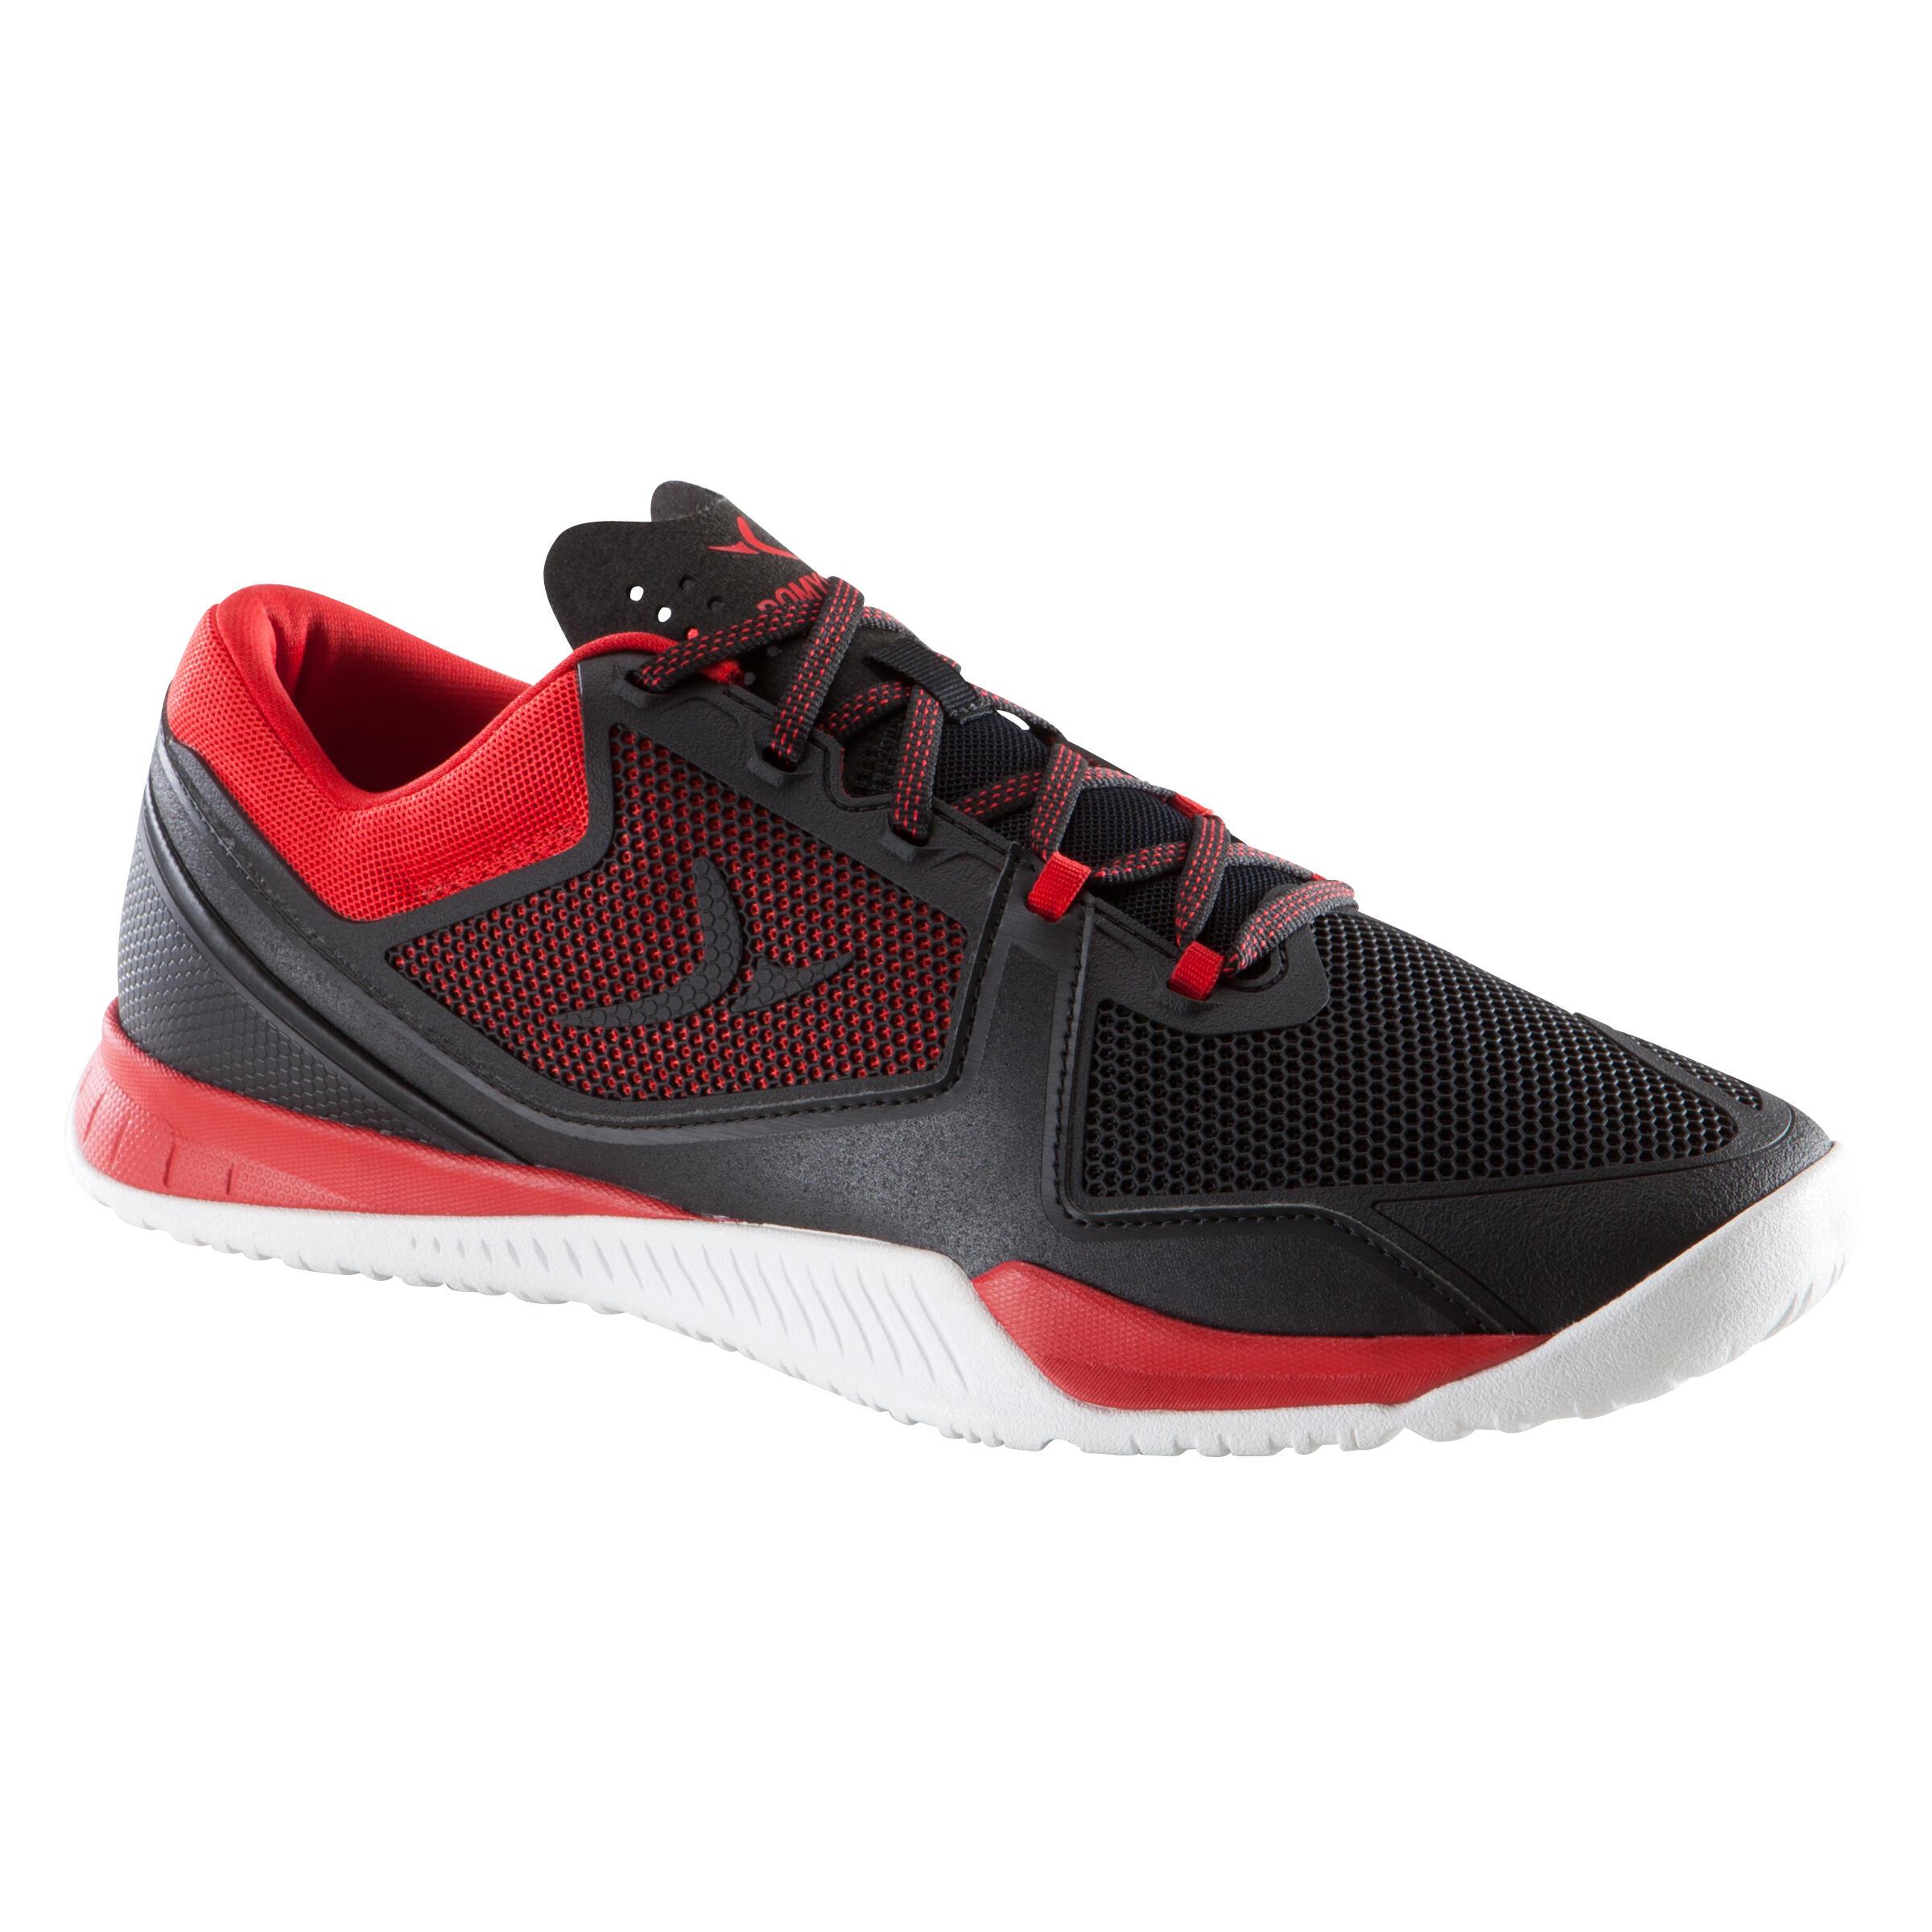 Domyos Crosstraining schoenen Strong 900 voor heren zwart/rood